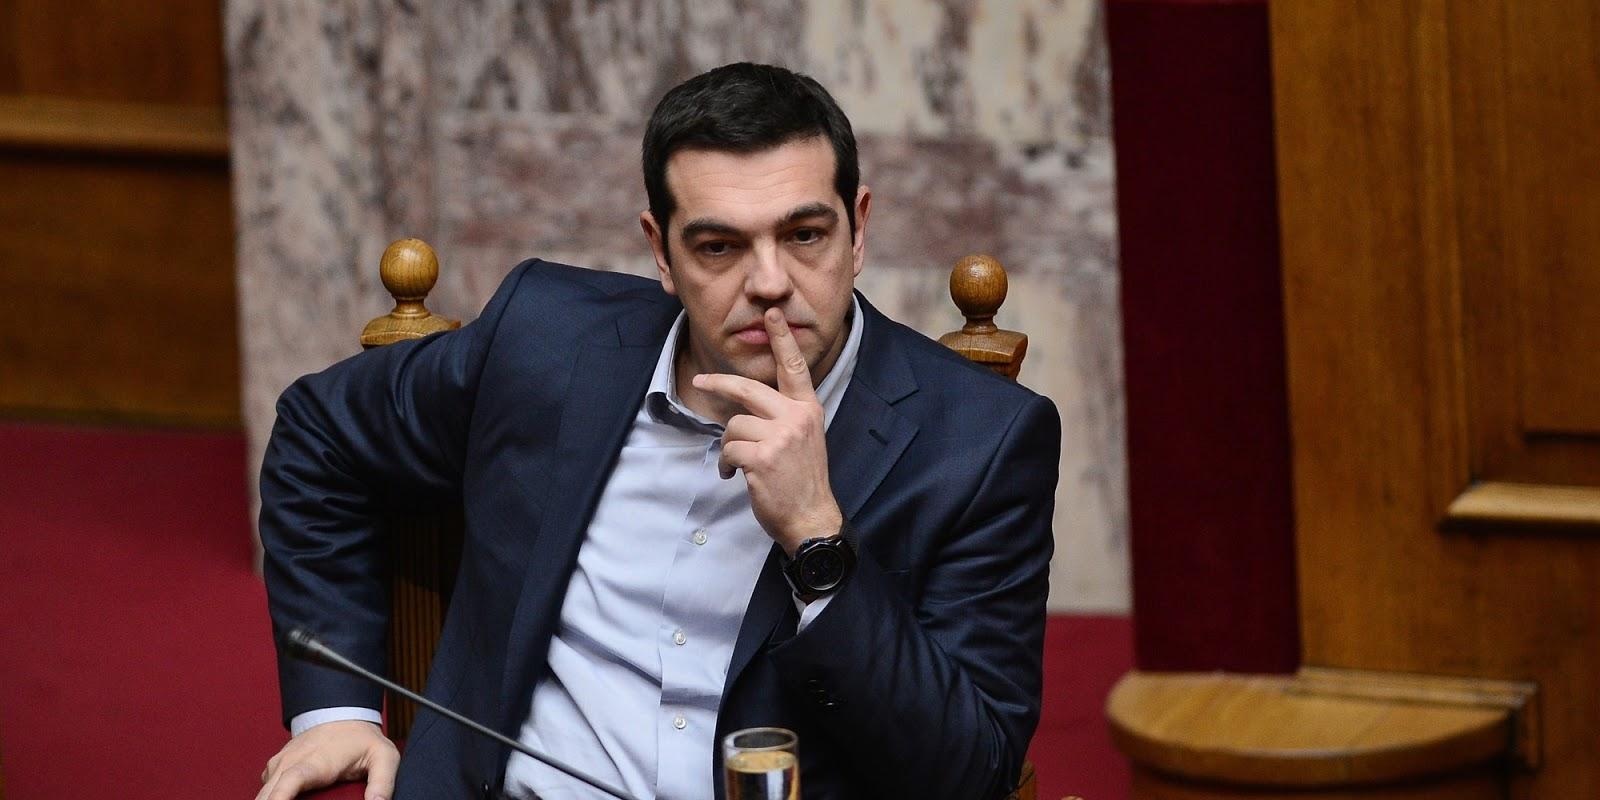 Δημοψήφισμα από τον Τσίπρα για κατάργηση του ΣτΕ;